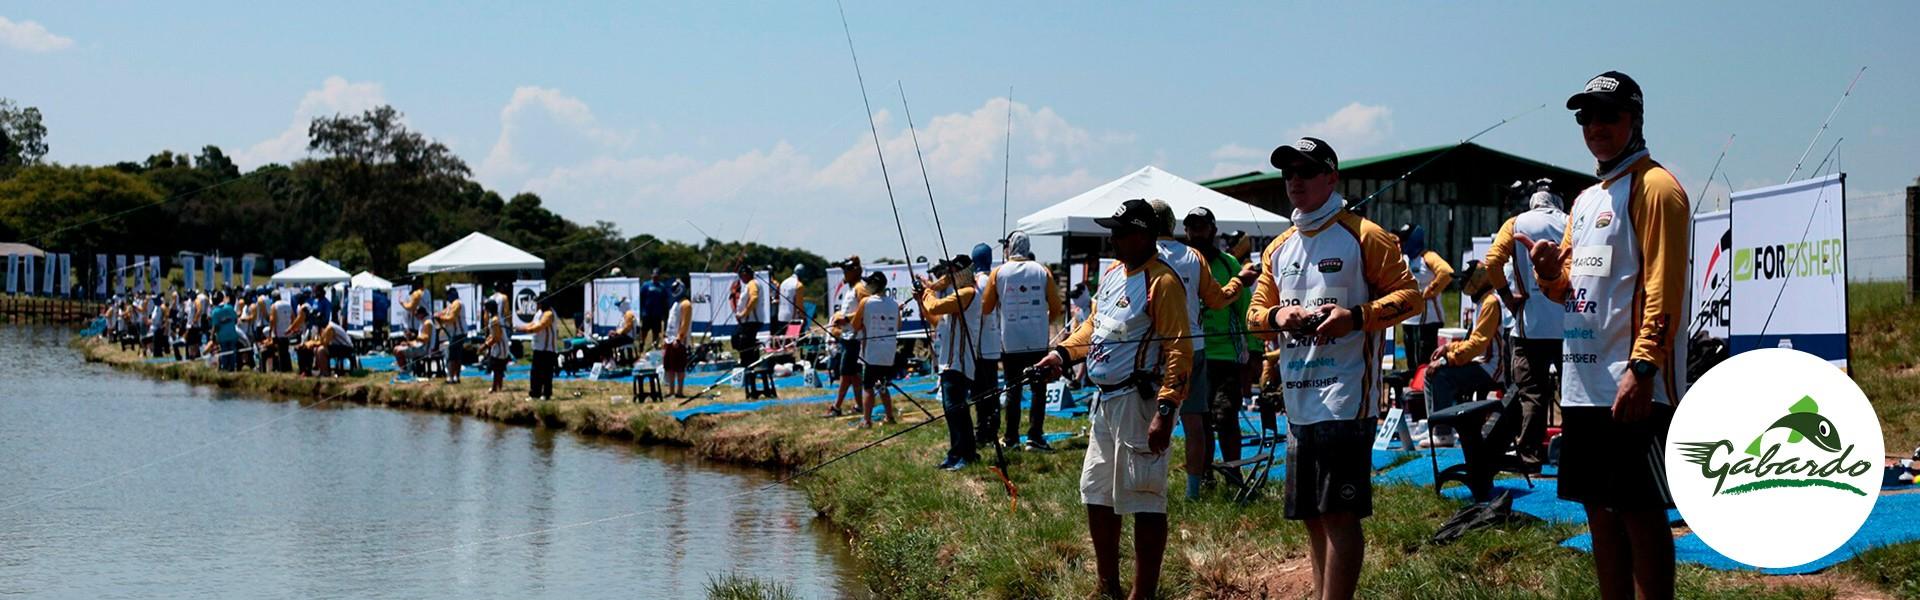 Campeonato Gaúcho em Pesqueiros: como nasce a arena de pesca